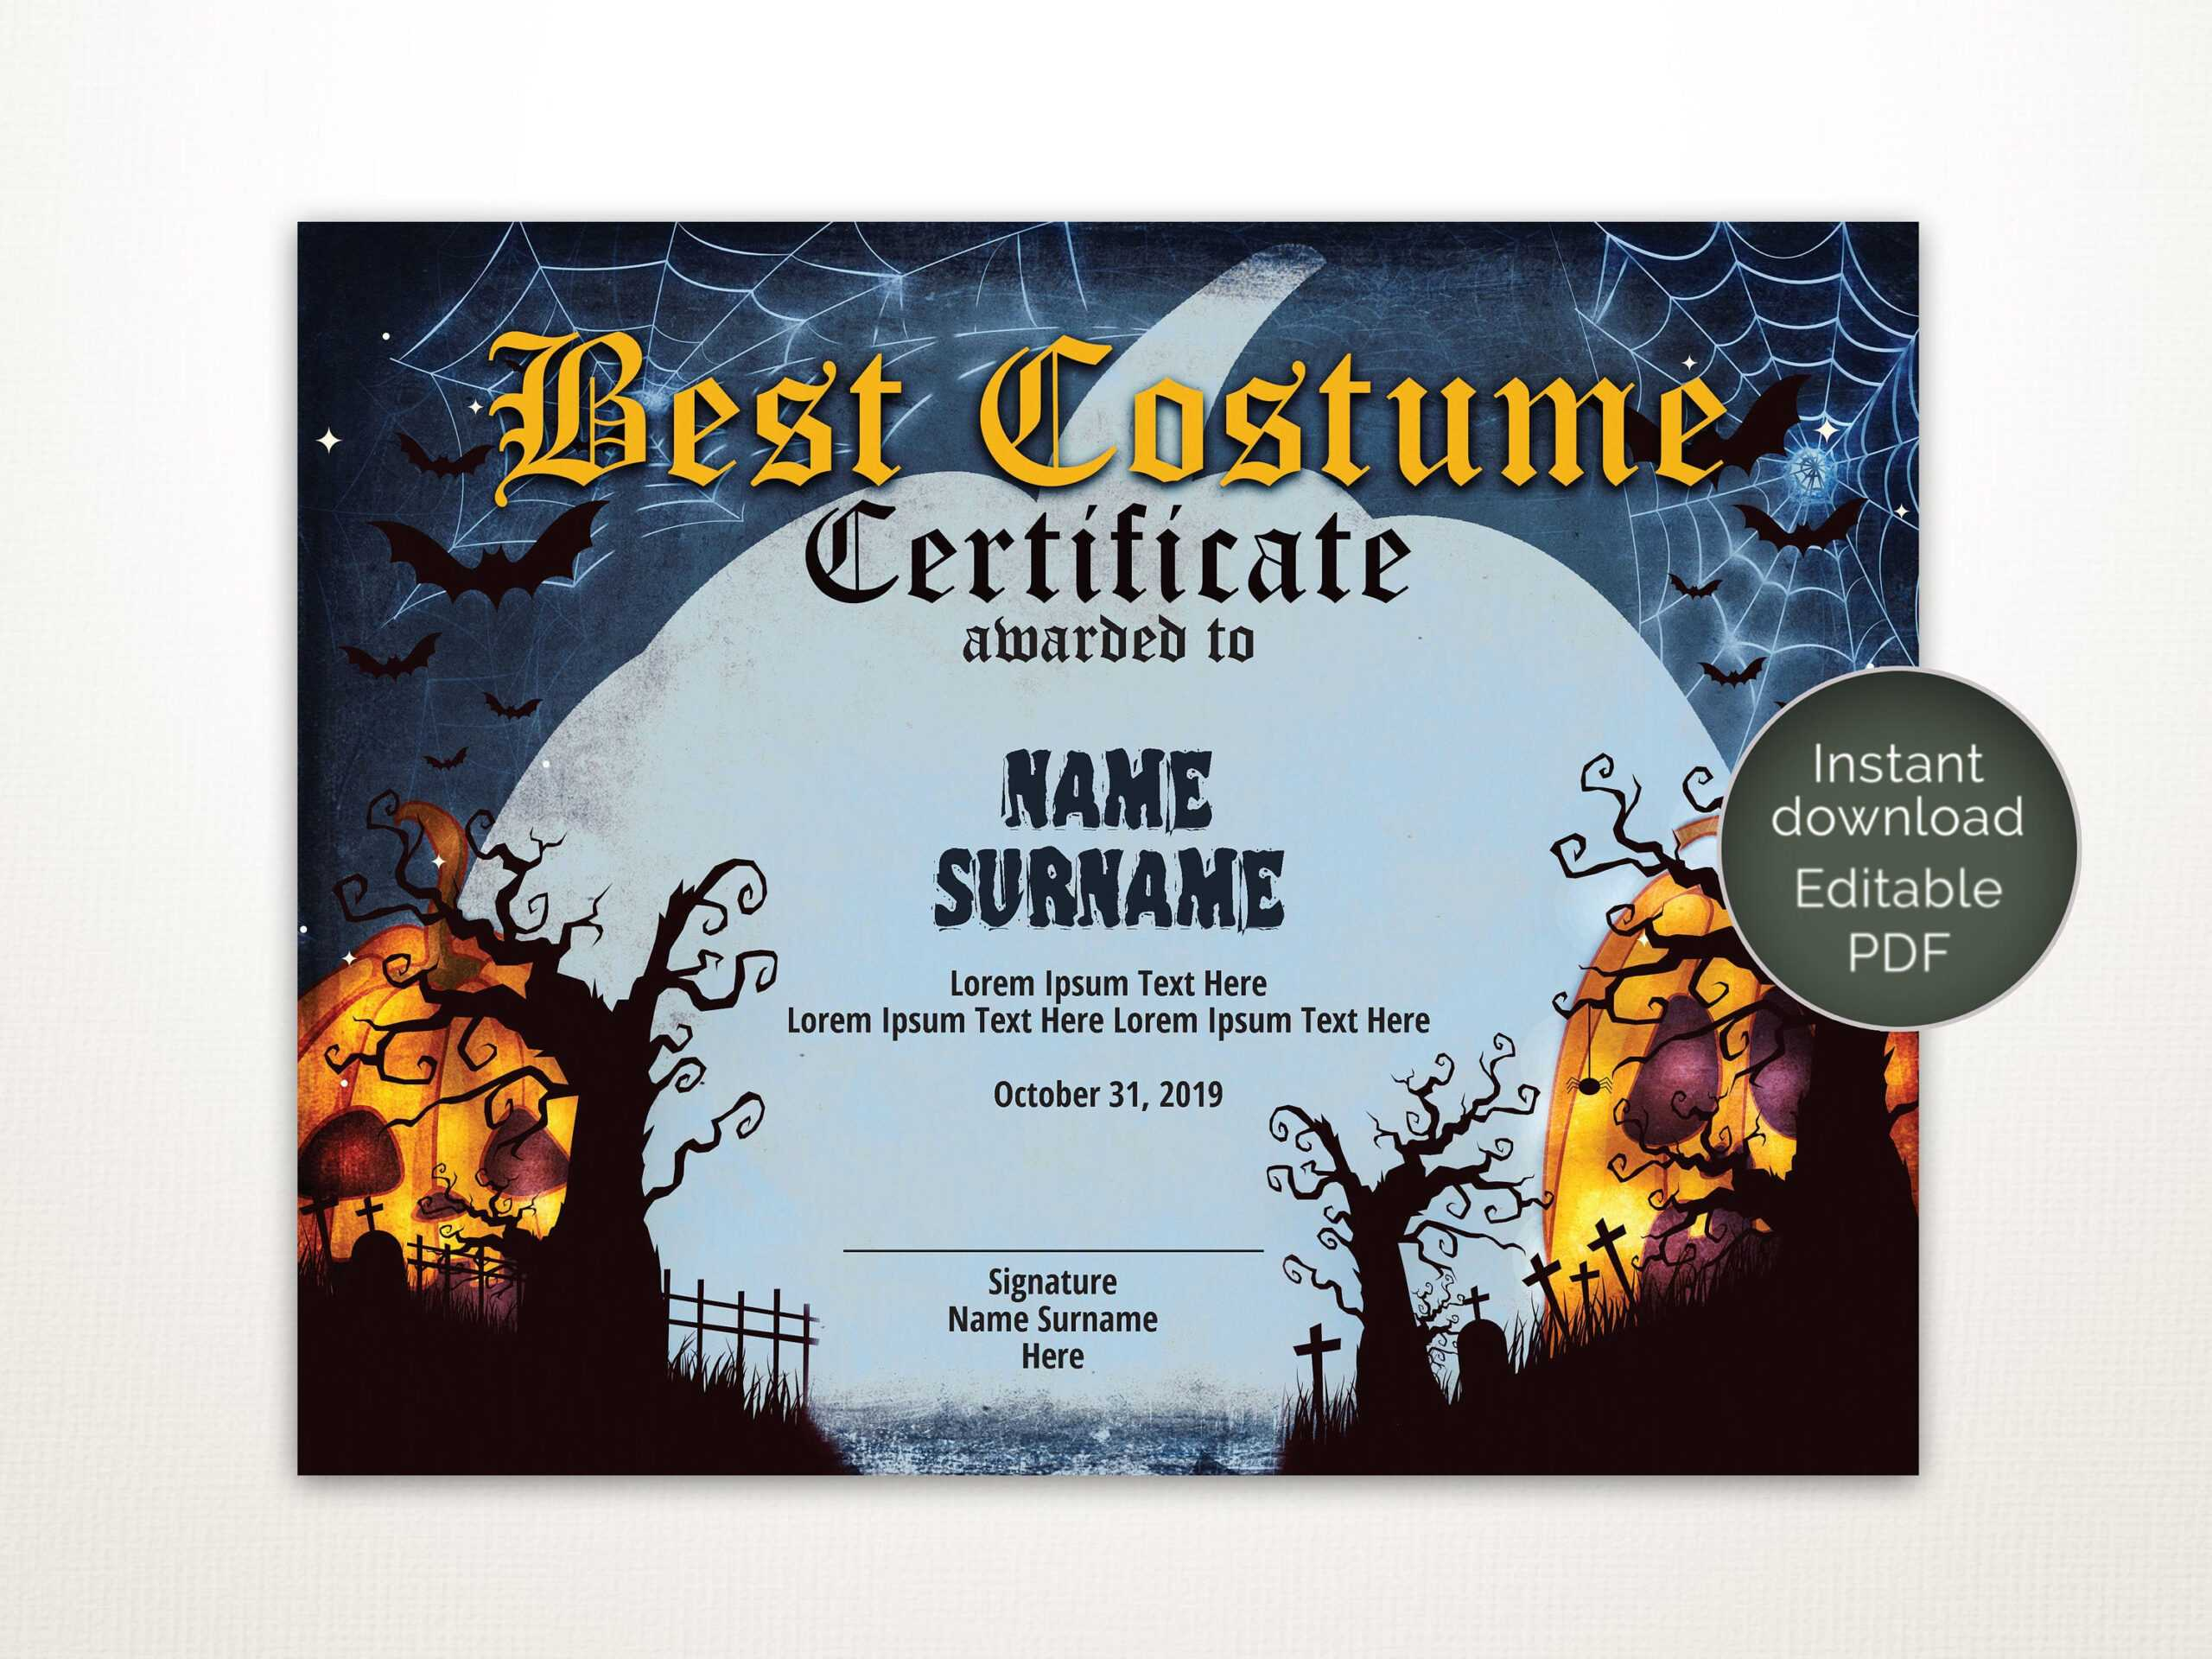 Halloween Best Costume Certificate Editable Template Costume Award  Printable Certificate Template Instant Download Regarding Halloween Costume Certificate Template